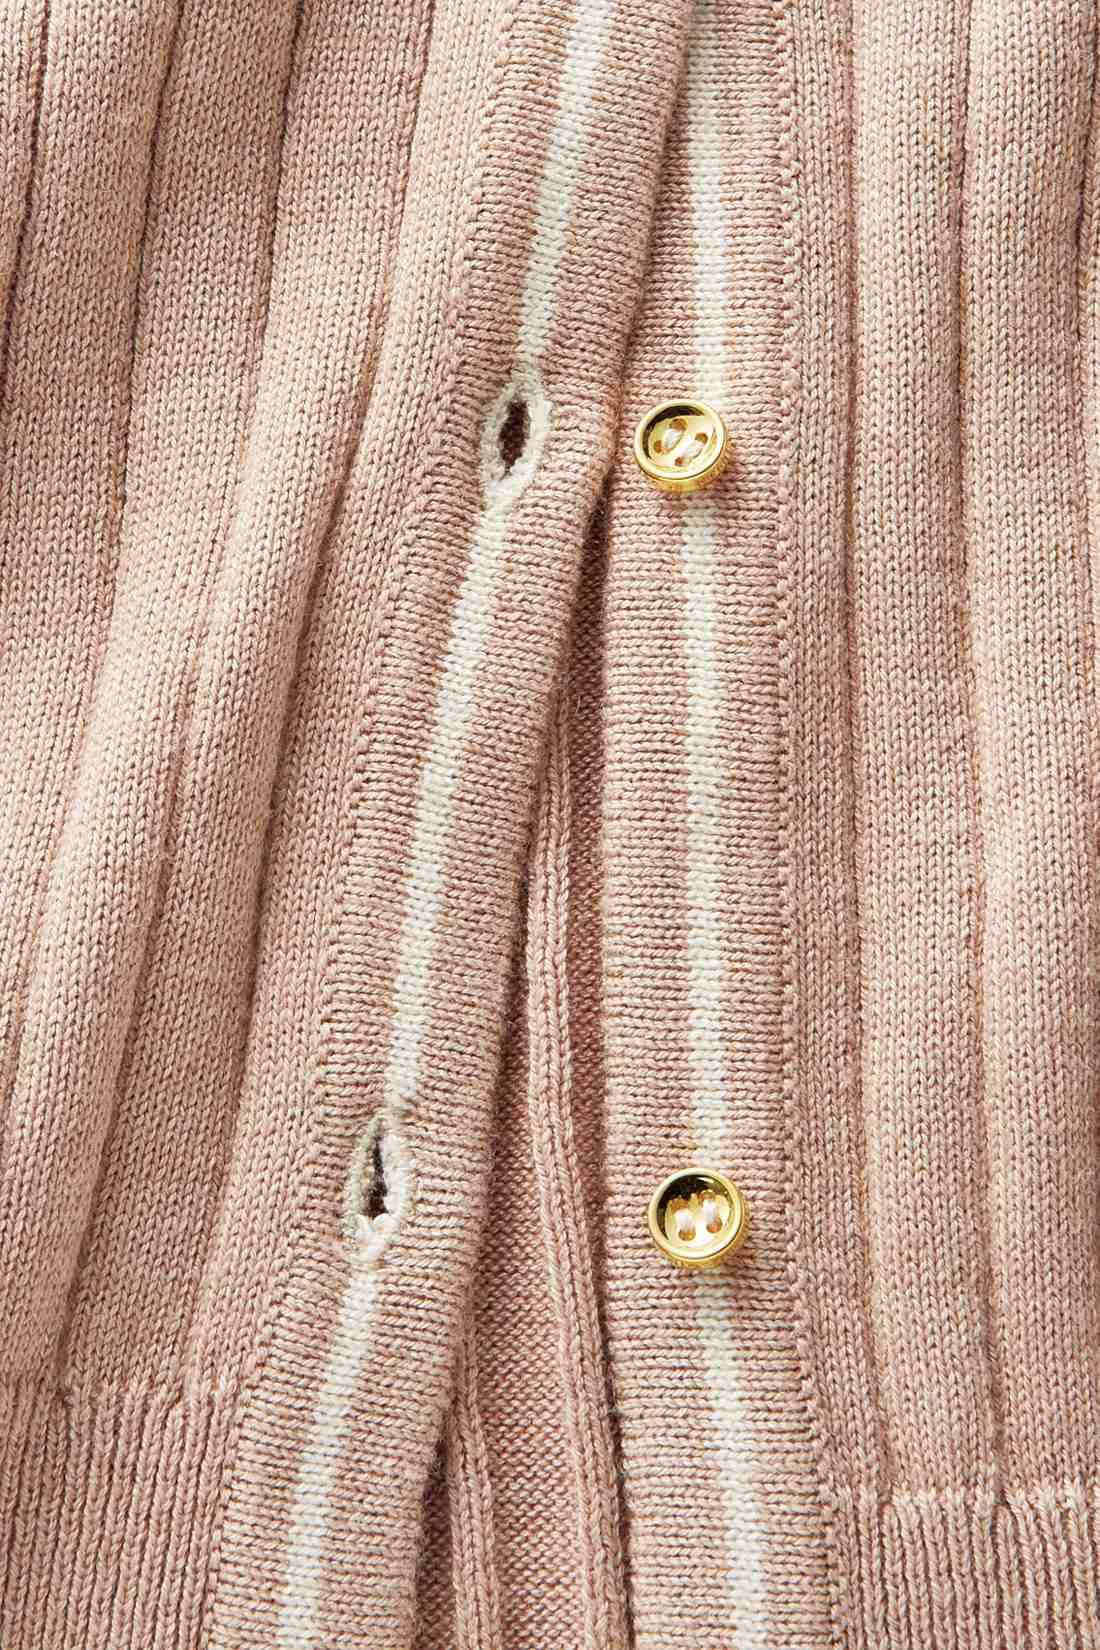 カーデの前たてに入れた配色のラインとゴールドボタンがほどよいアクセントに。